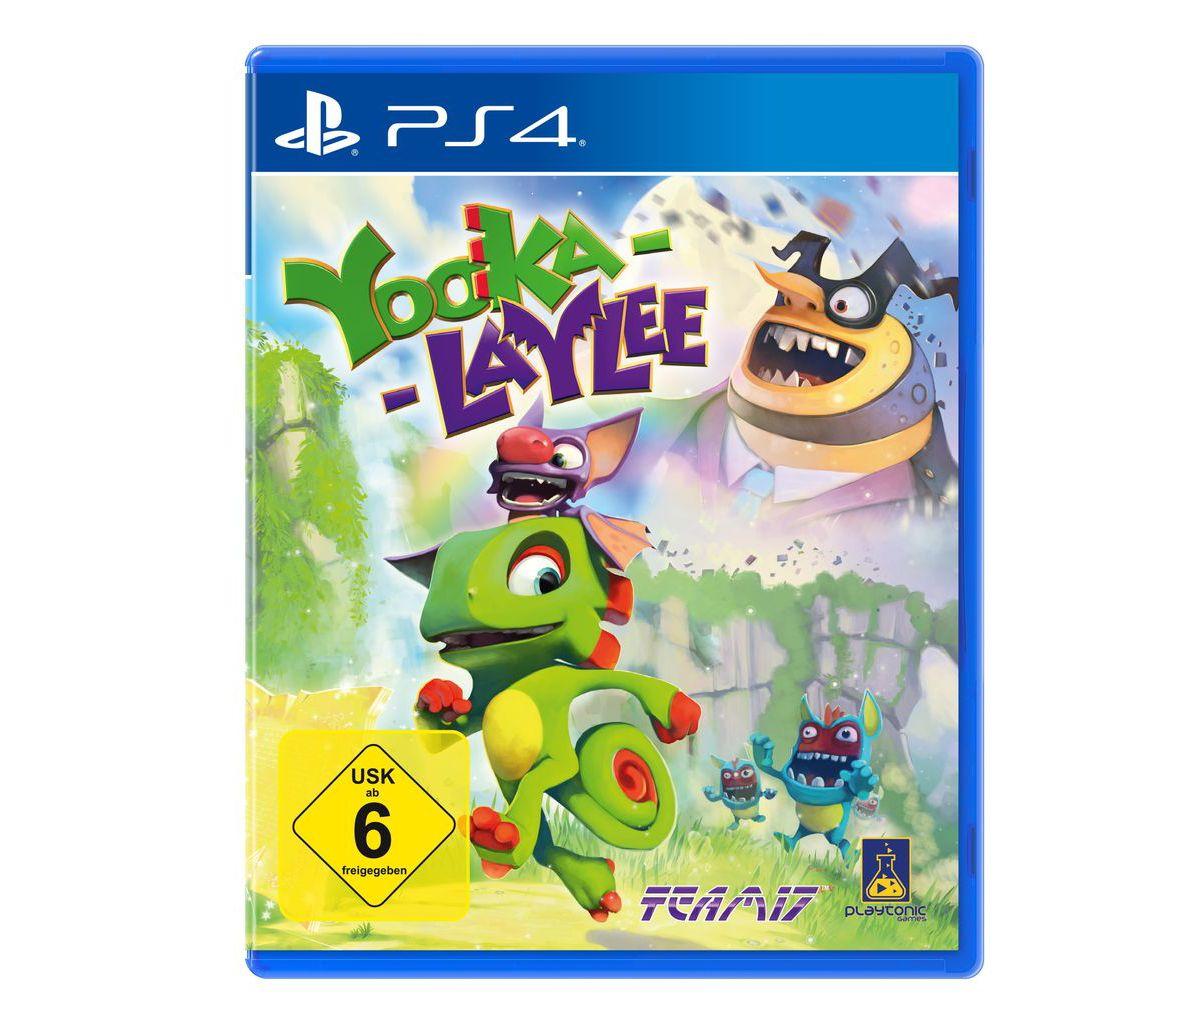 NBG Playstation 4 - Spiel »Yooka-Laylee«